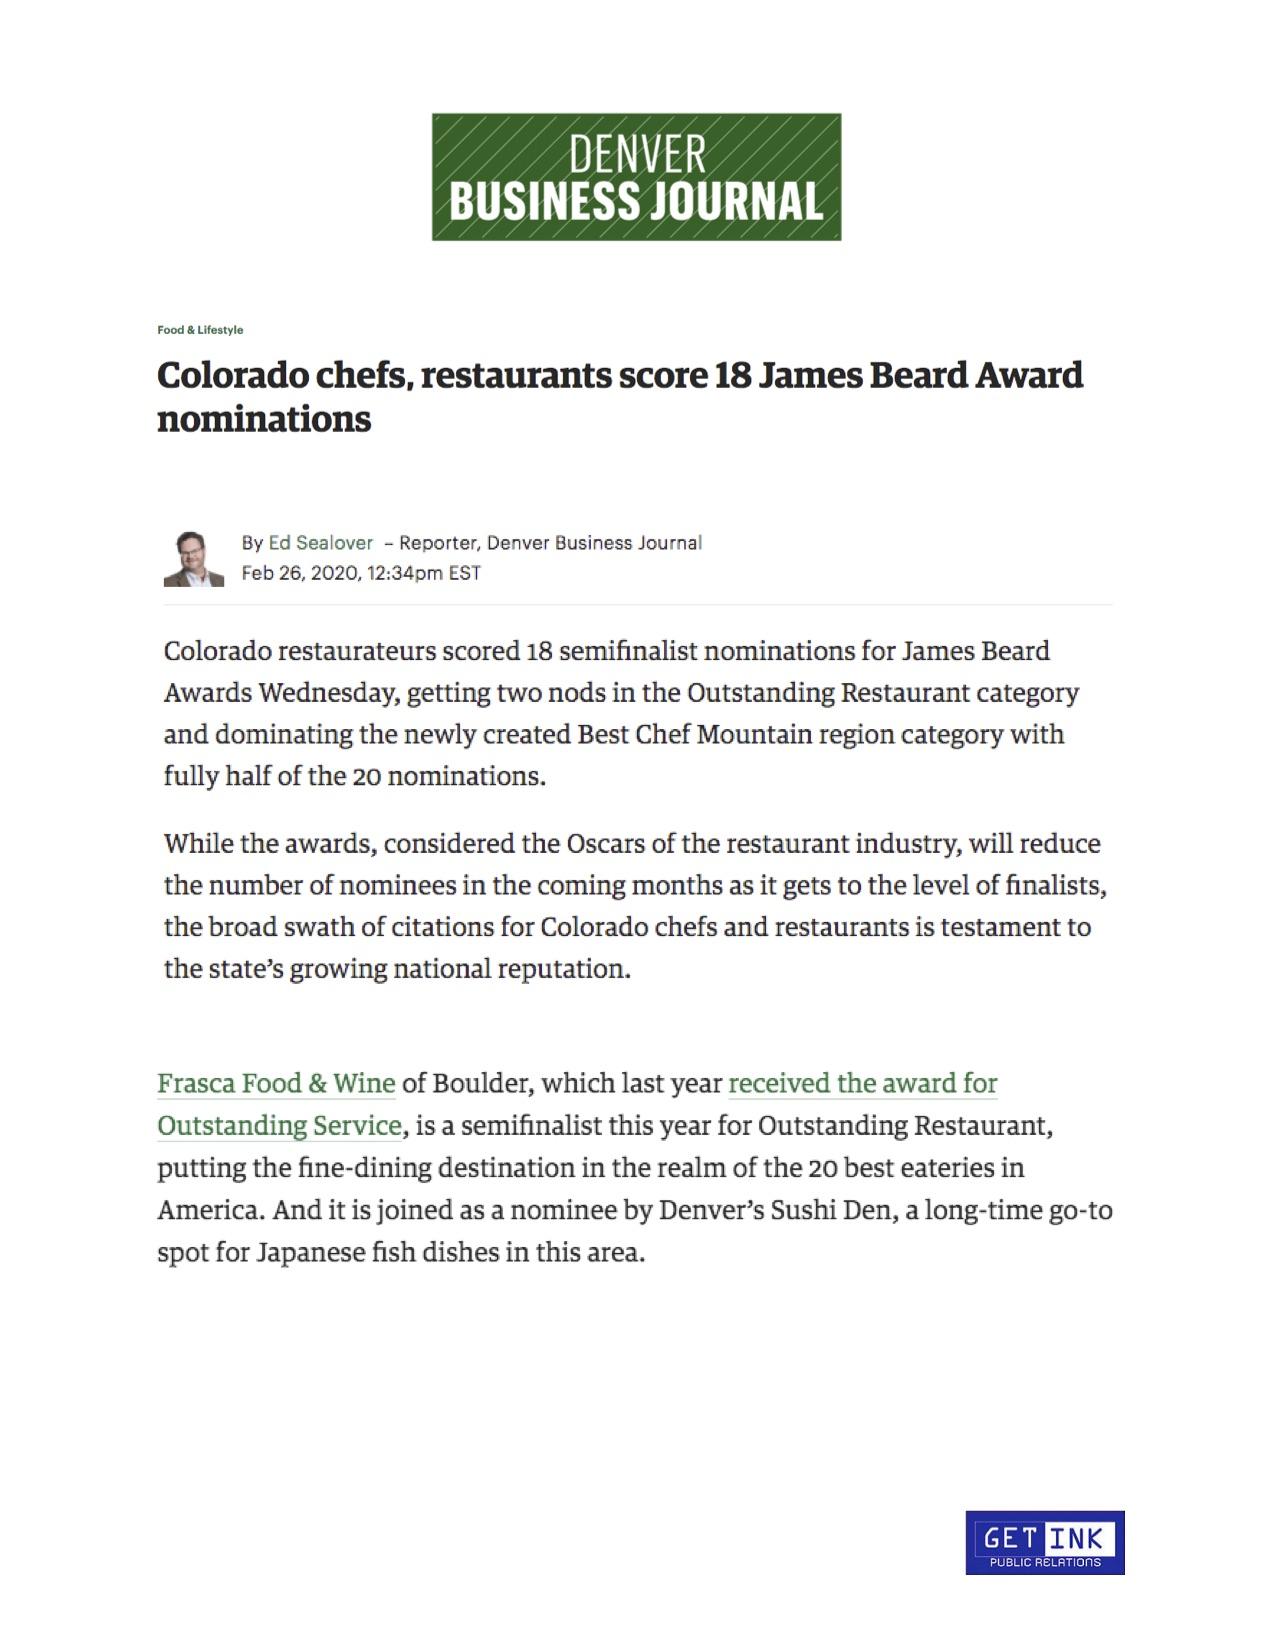 Sushi Den James Beard Award Business Denver Journal - Get Ink PR